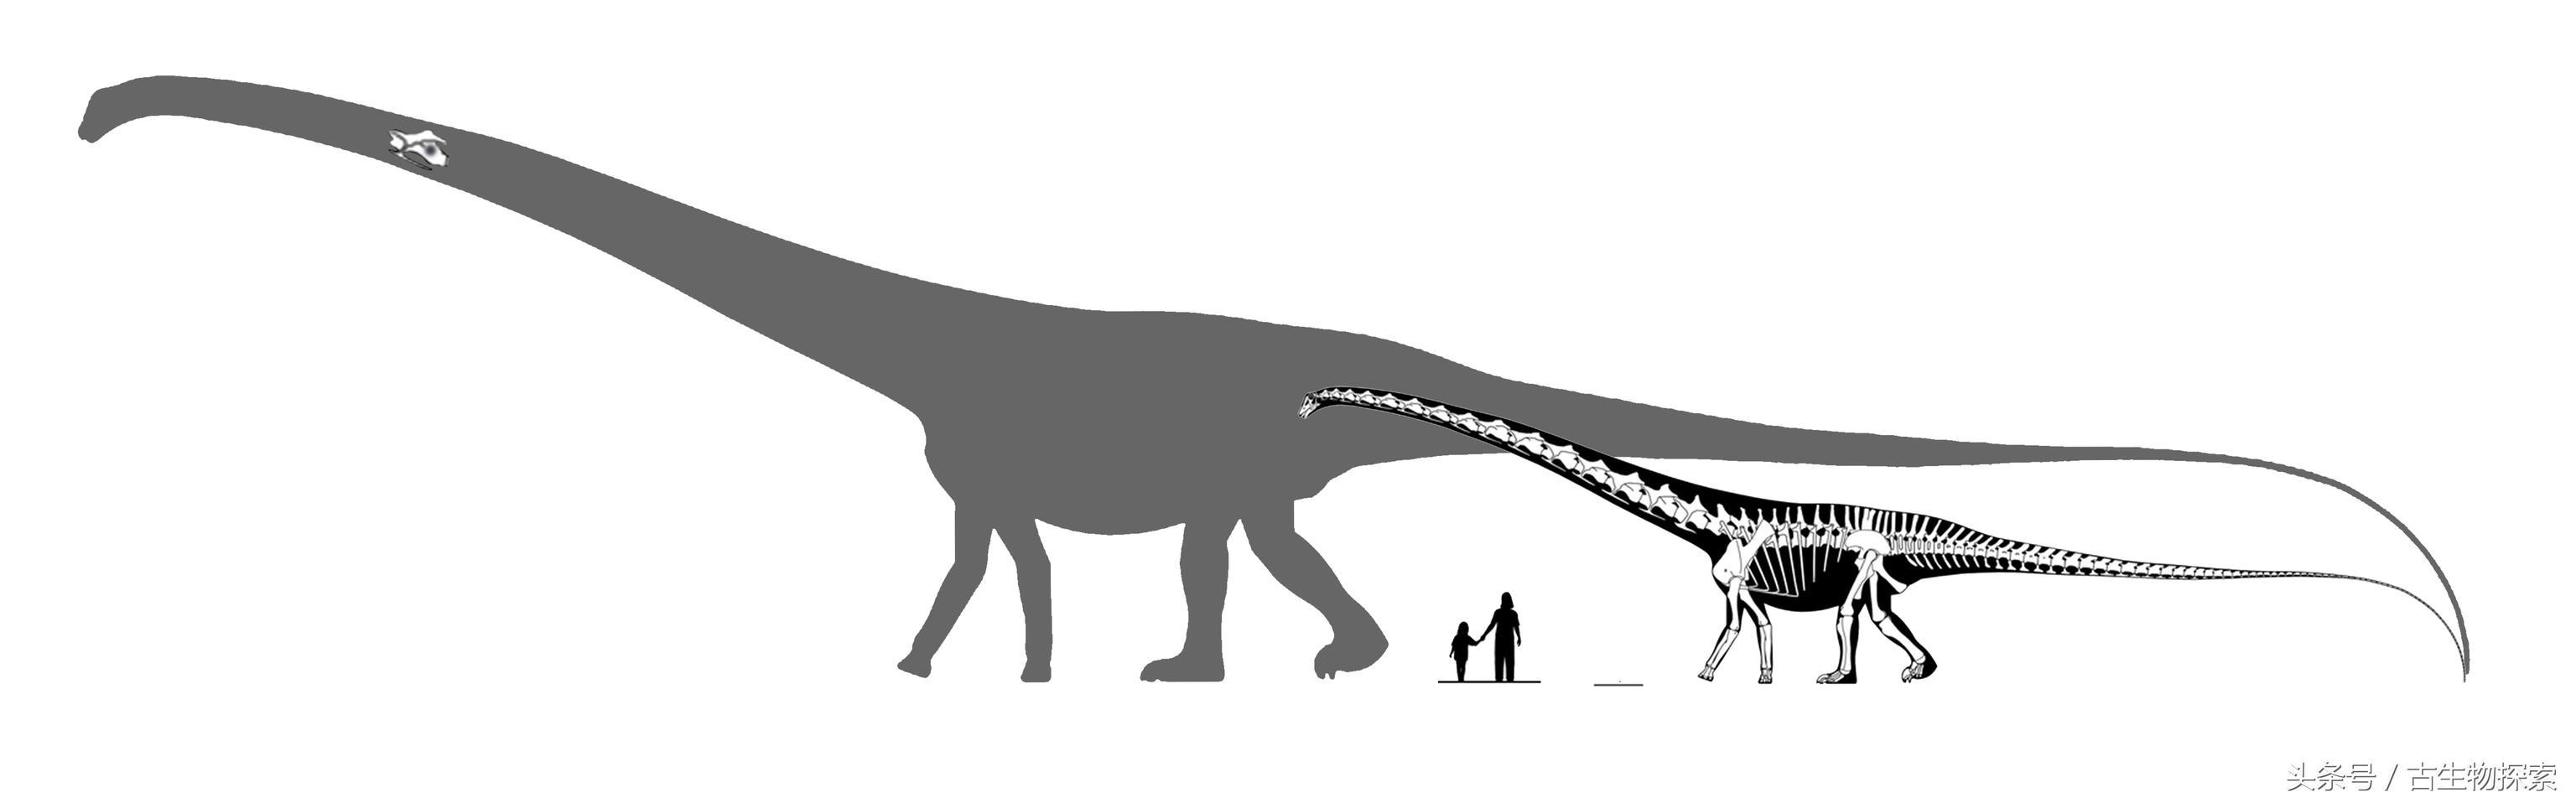 科學家宣稱60米長的易碎雙腔龍並不存在 - 每日頭條